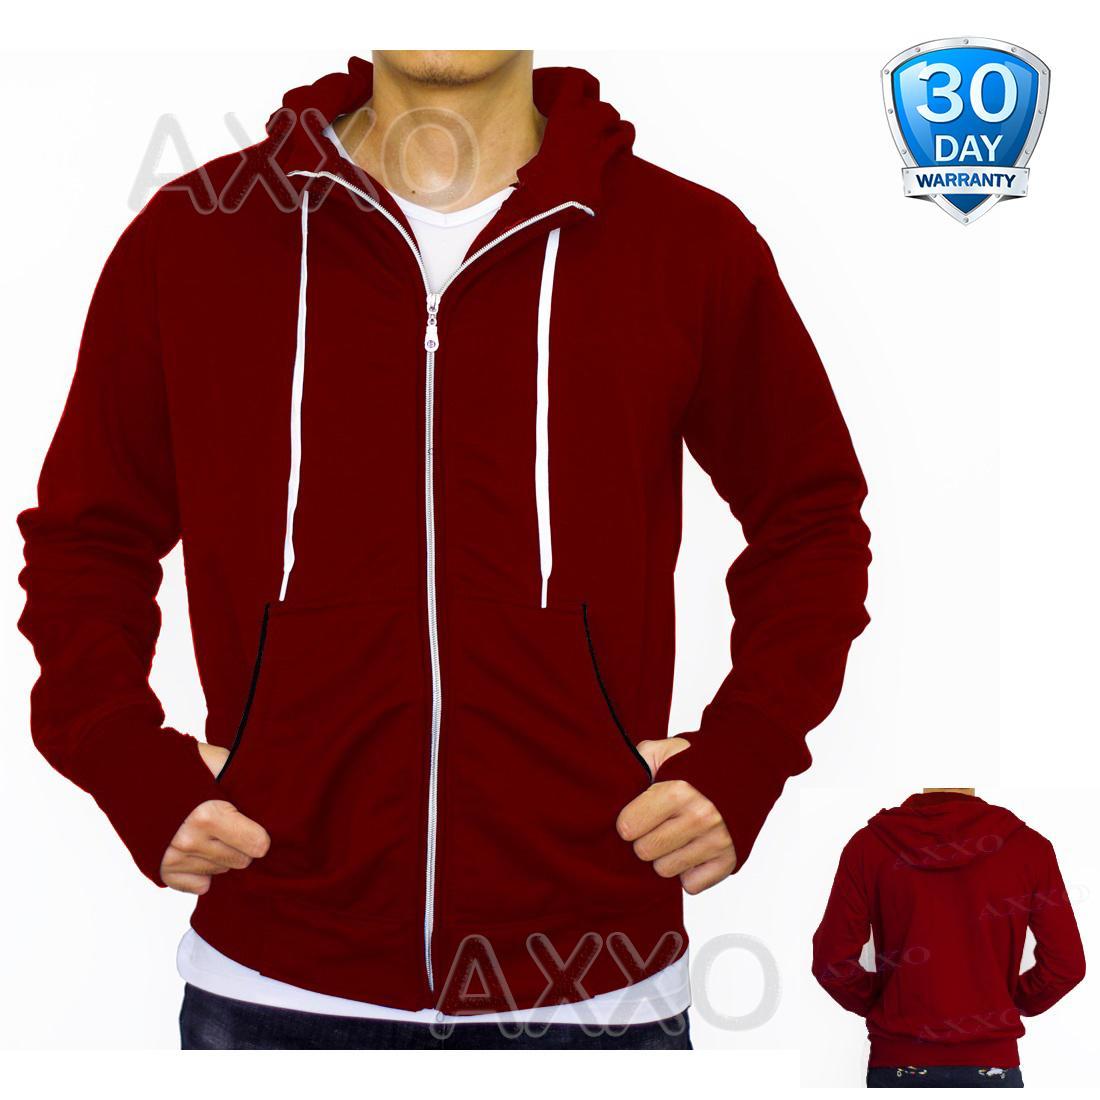 Jual Jaket Pria Terbaru Cardigan Keren Modis Fleece Merah Maroon Car 623